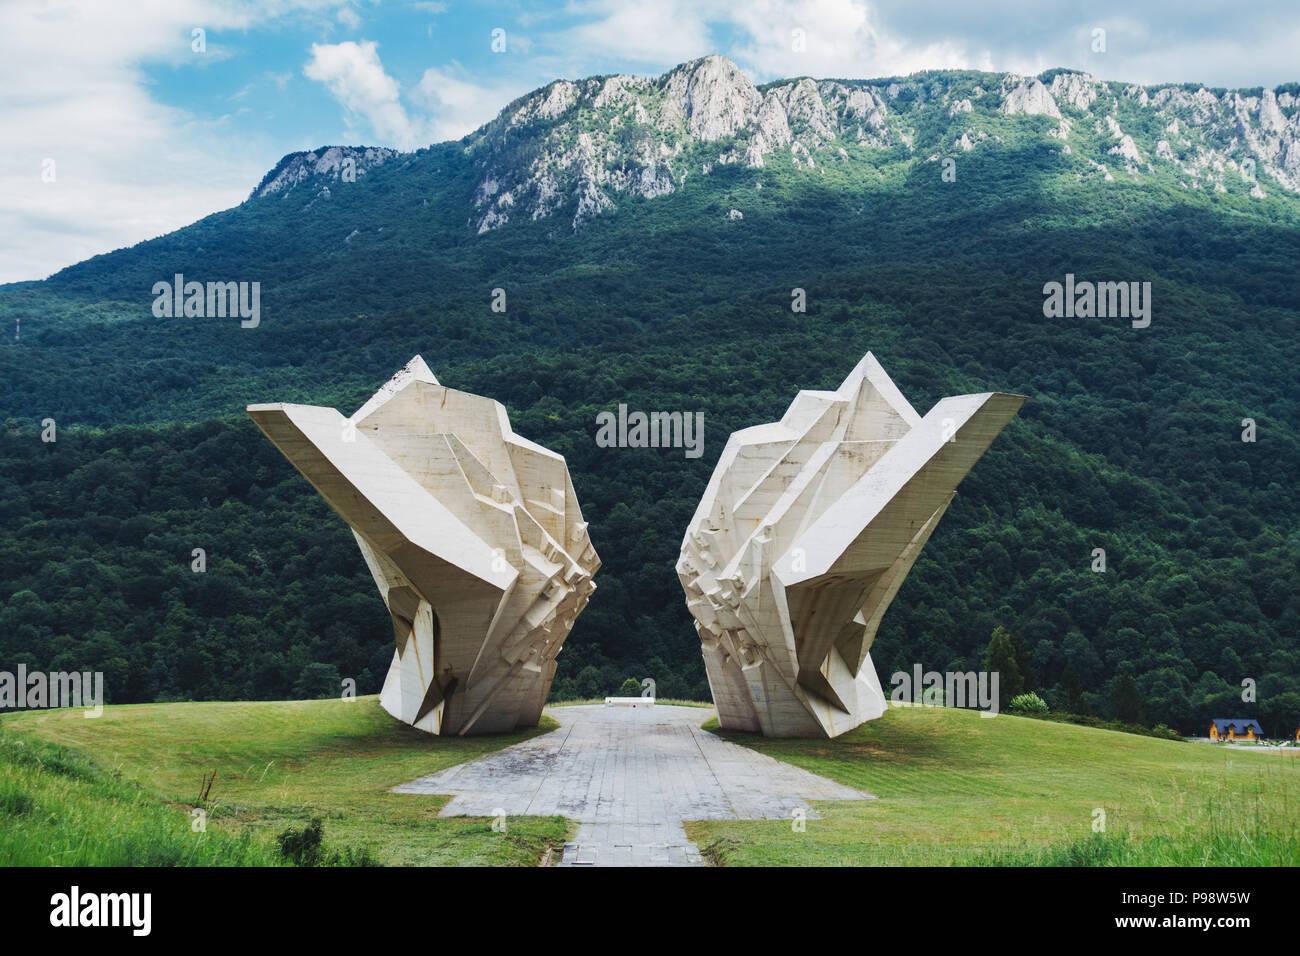 Ein gigantischer, undurchsichtig weißem Beton (spomenik Jugoslawischen Krieg Denkmal) sitzt in der sutjeska Nationalpark, Bosnien und Herzegowina Stockfoto